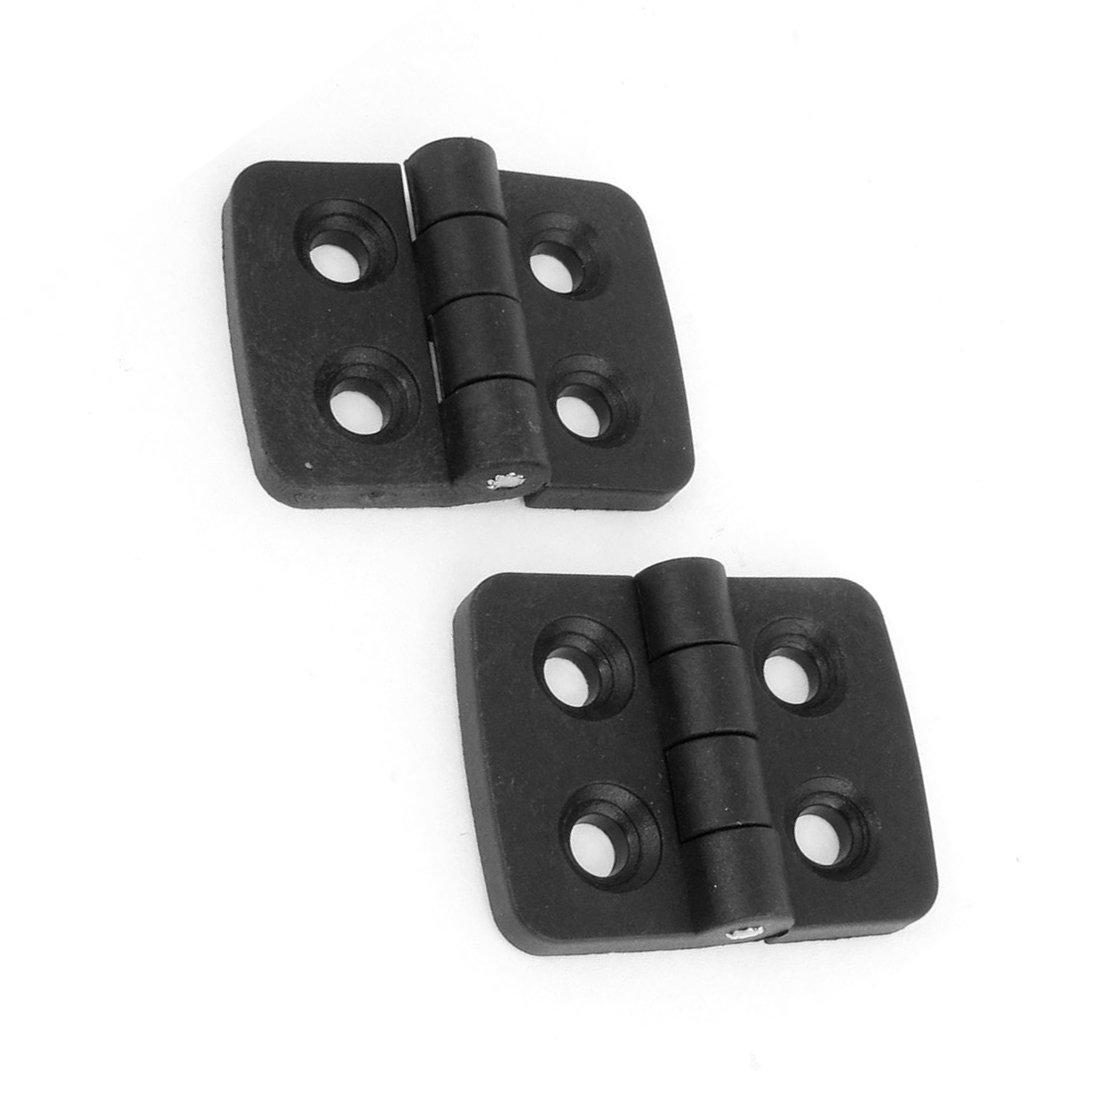 R Scharnier SODIAL 2 Stk schwarz Einzel Metall Axle Kunststoff Kleiderschrank Tuer Scharnier